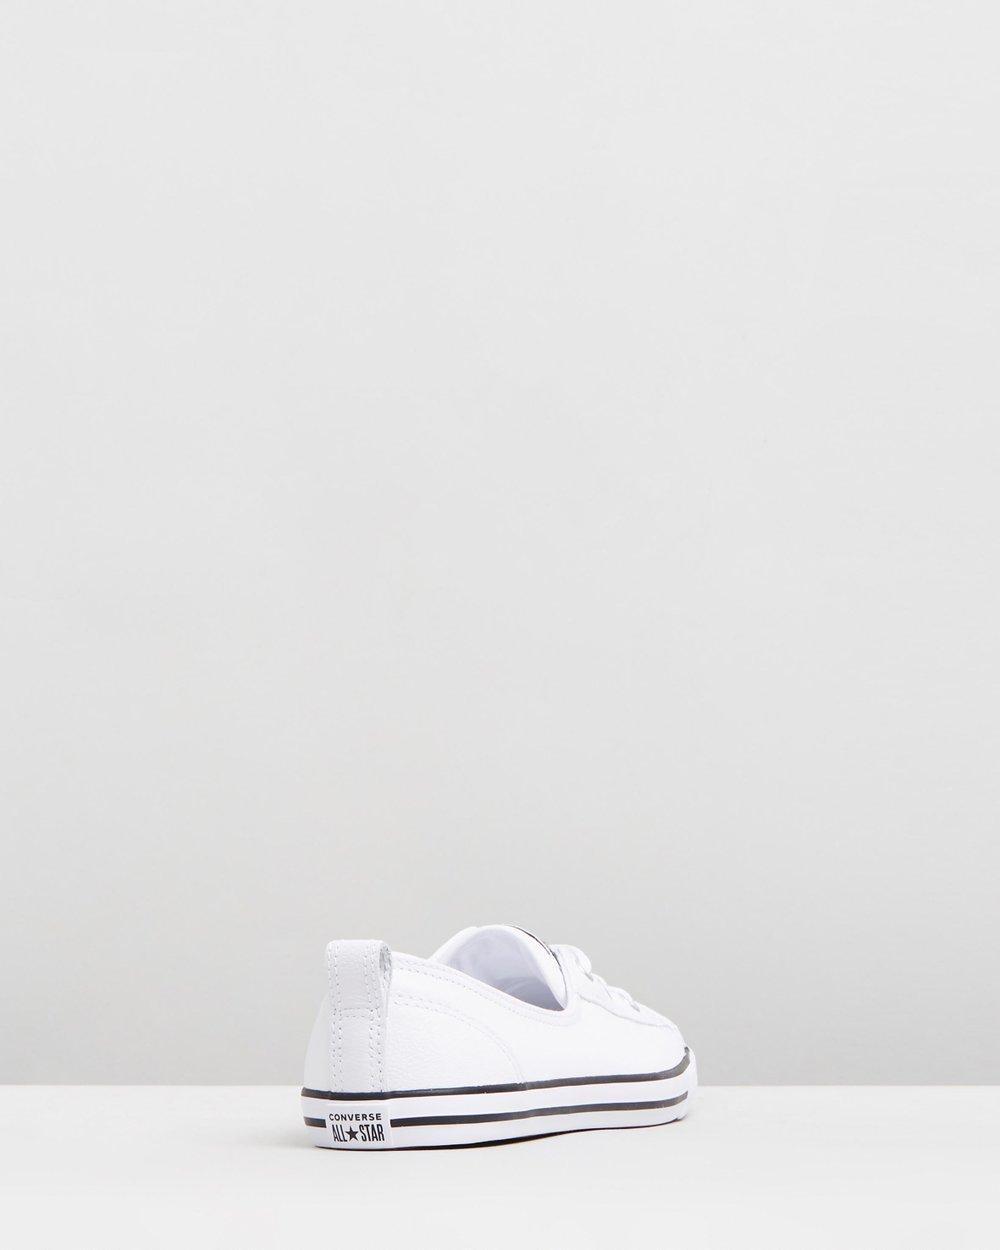 cf8d48b6a6de Converse Chuck Taylor All Star Ballet Lace White Sneaker ✓ T Shirt ...